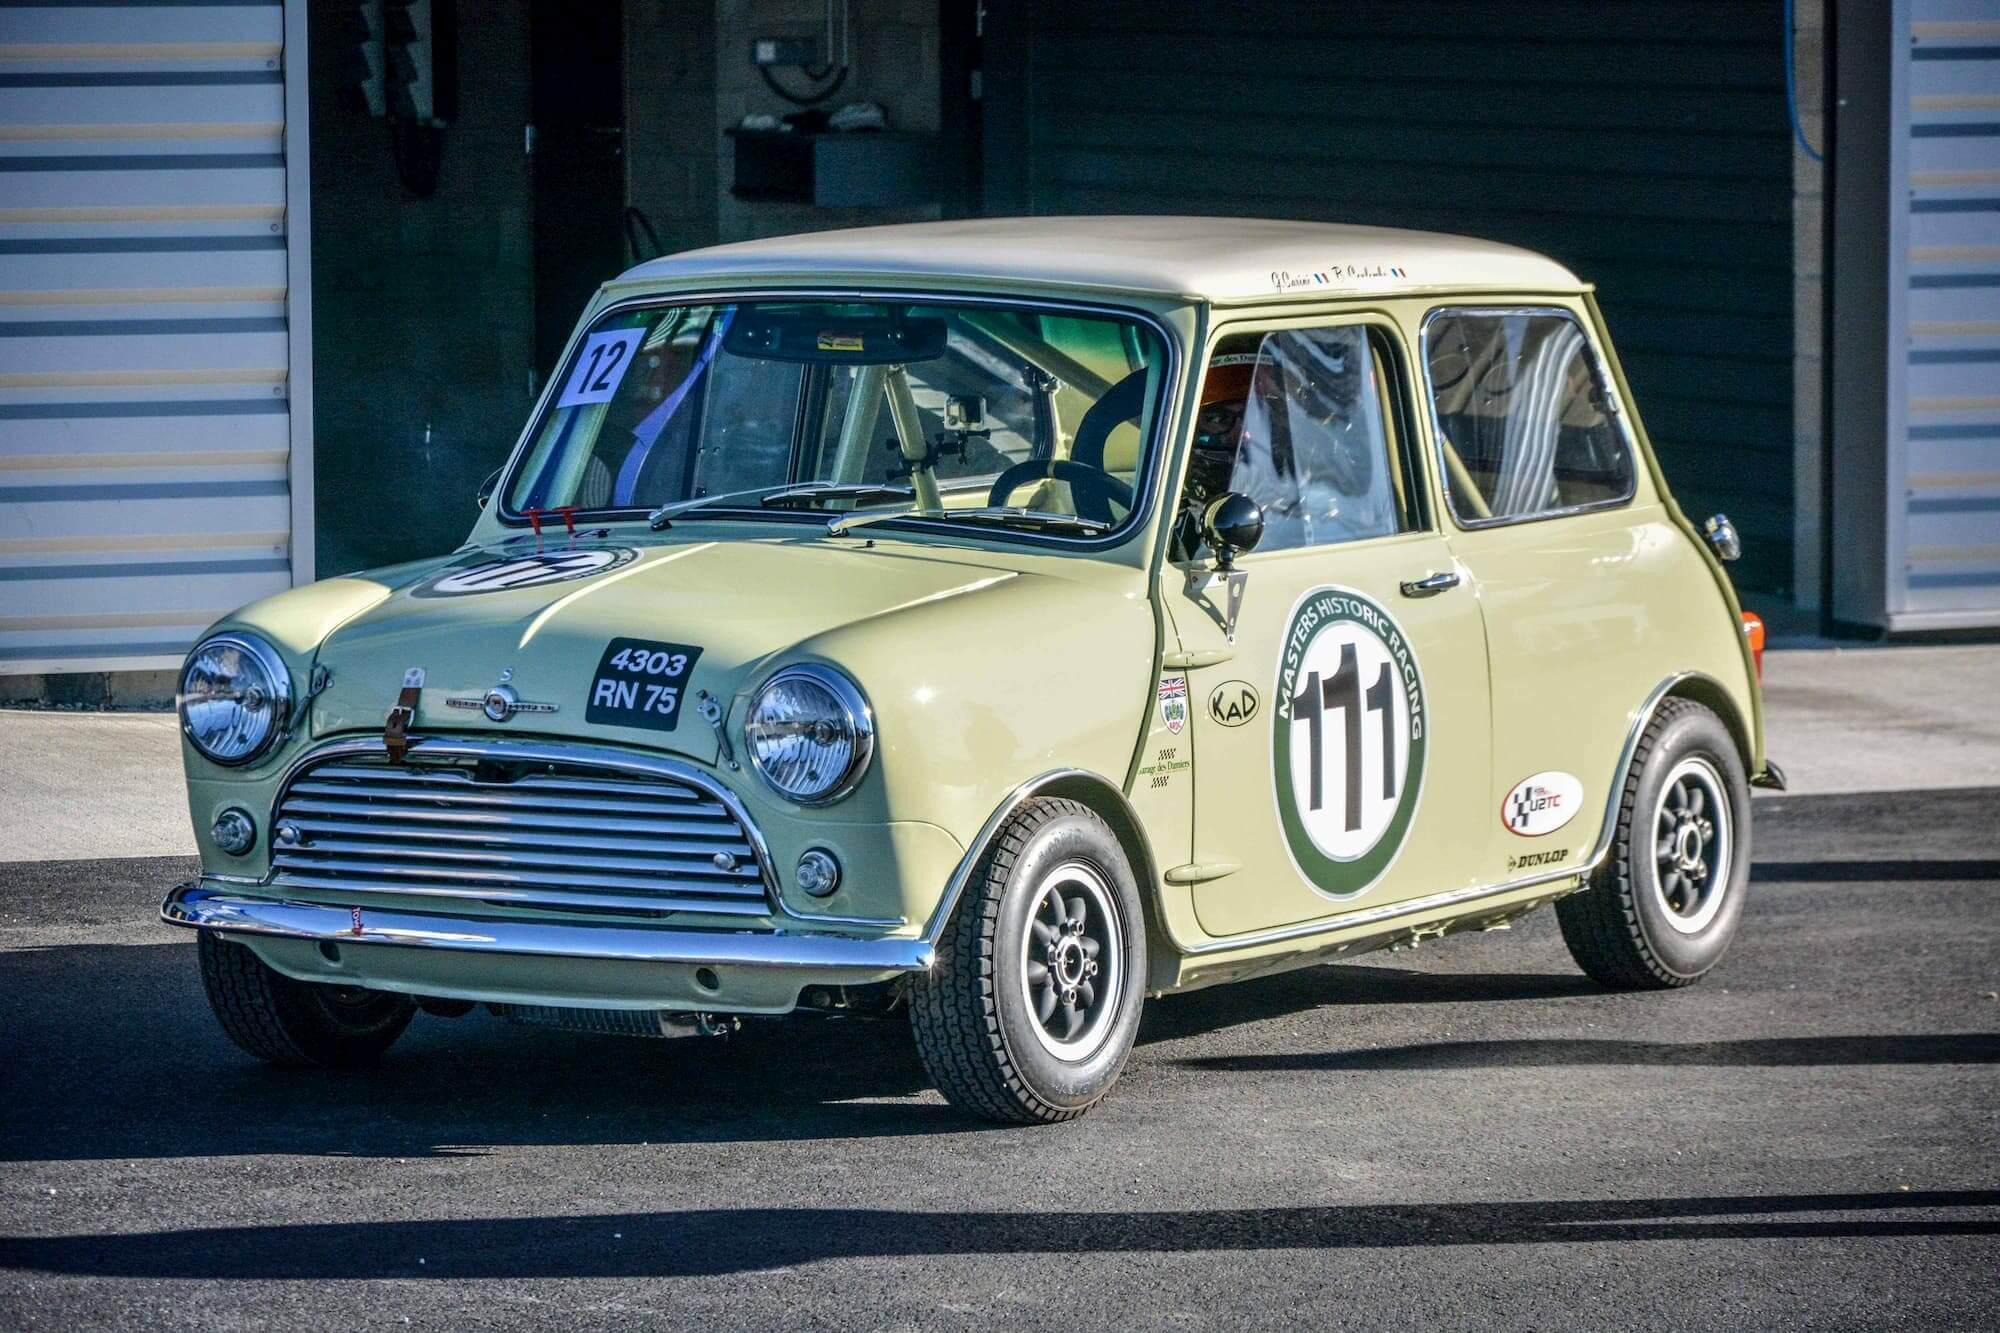 Austin Mini pour le Silverstone Classic - Old british car - Born to win